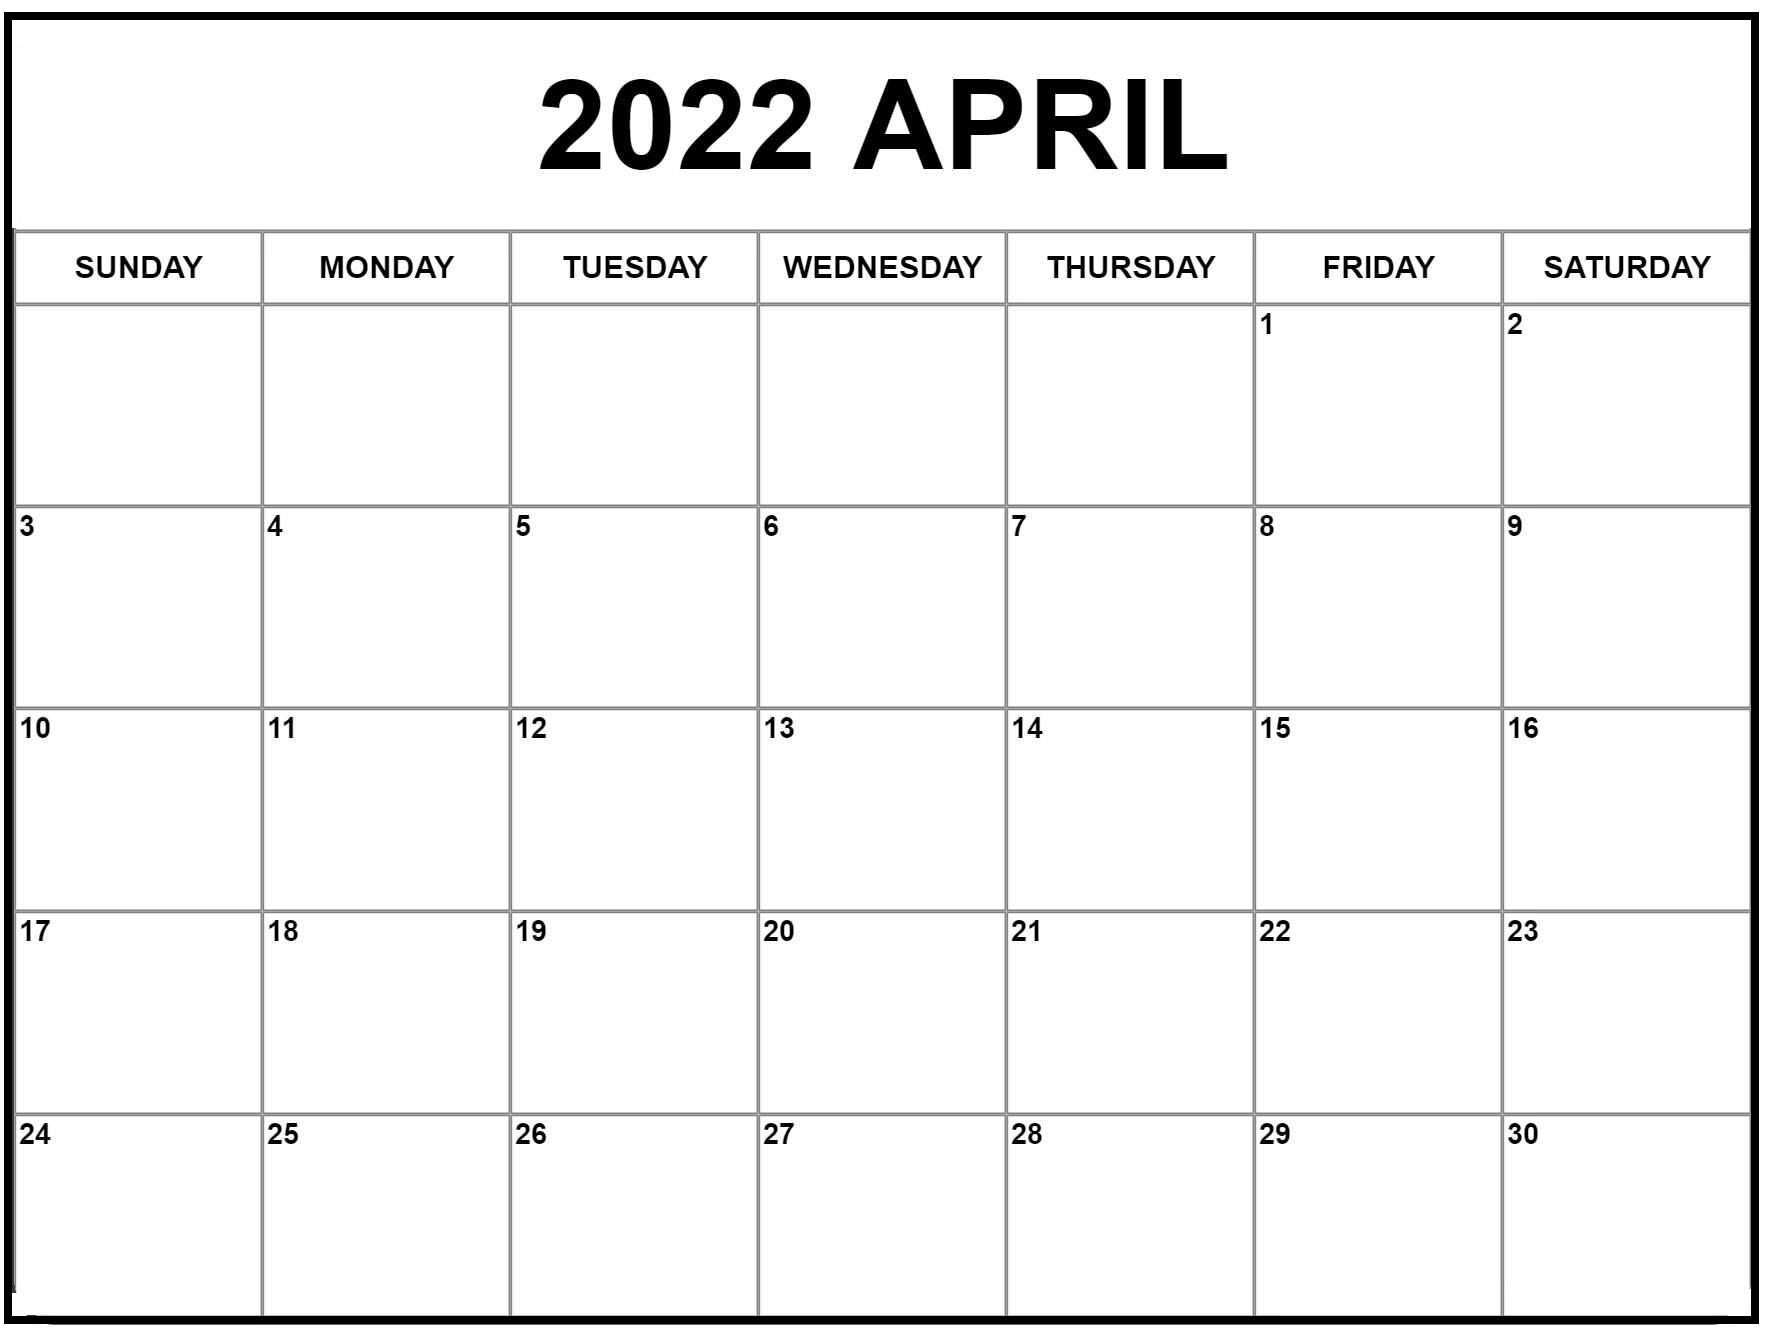 April 2022 Kalender Zum Ausdrucken